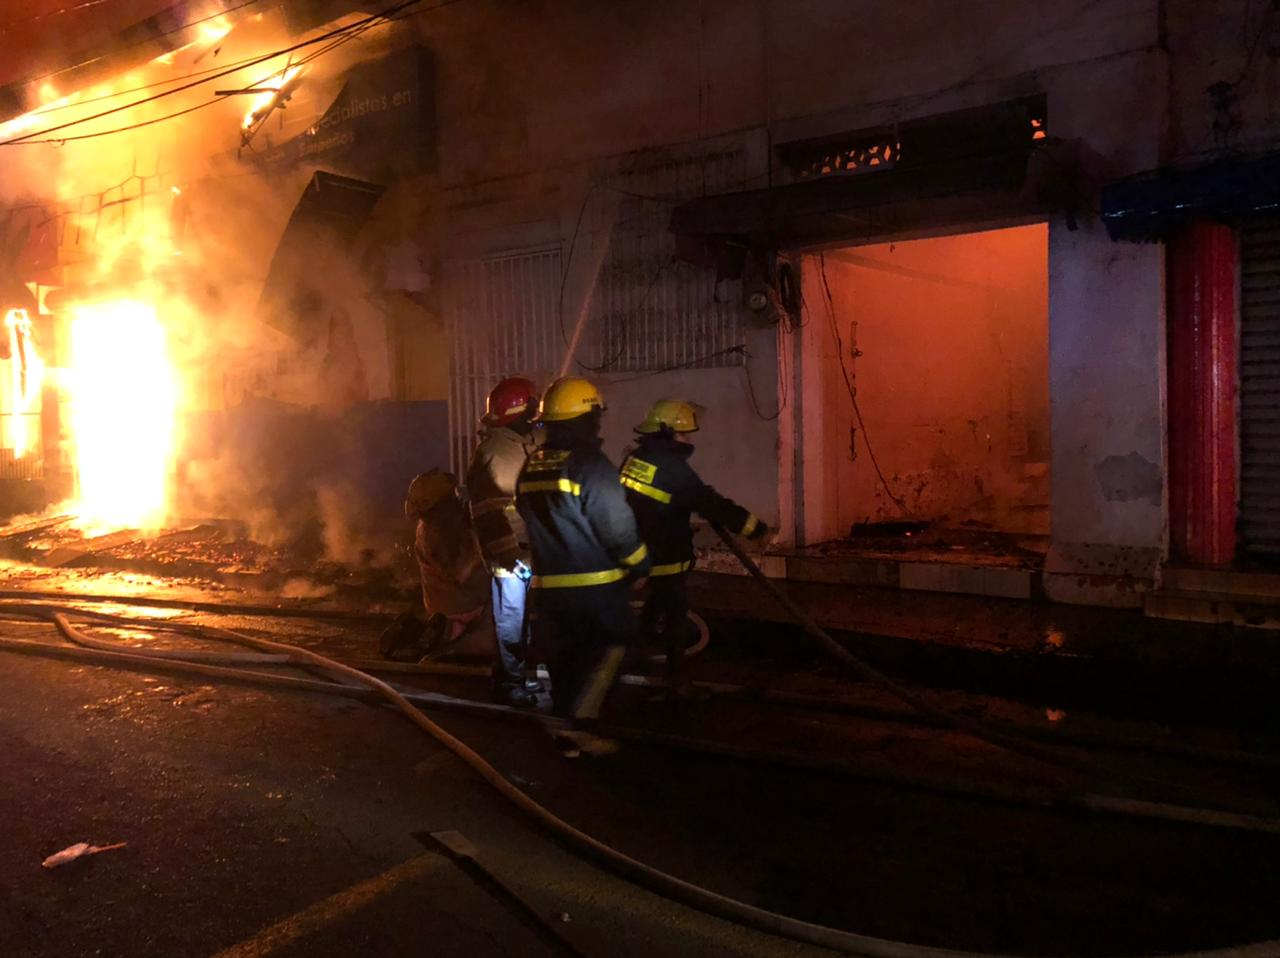 Incendio arrasa con 5 tiendas en mercado de Chinandega Managua. Radio La Primerísima